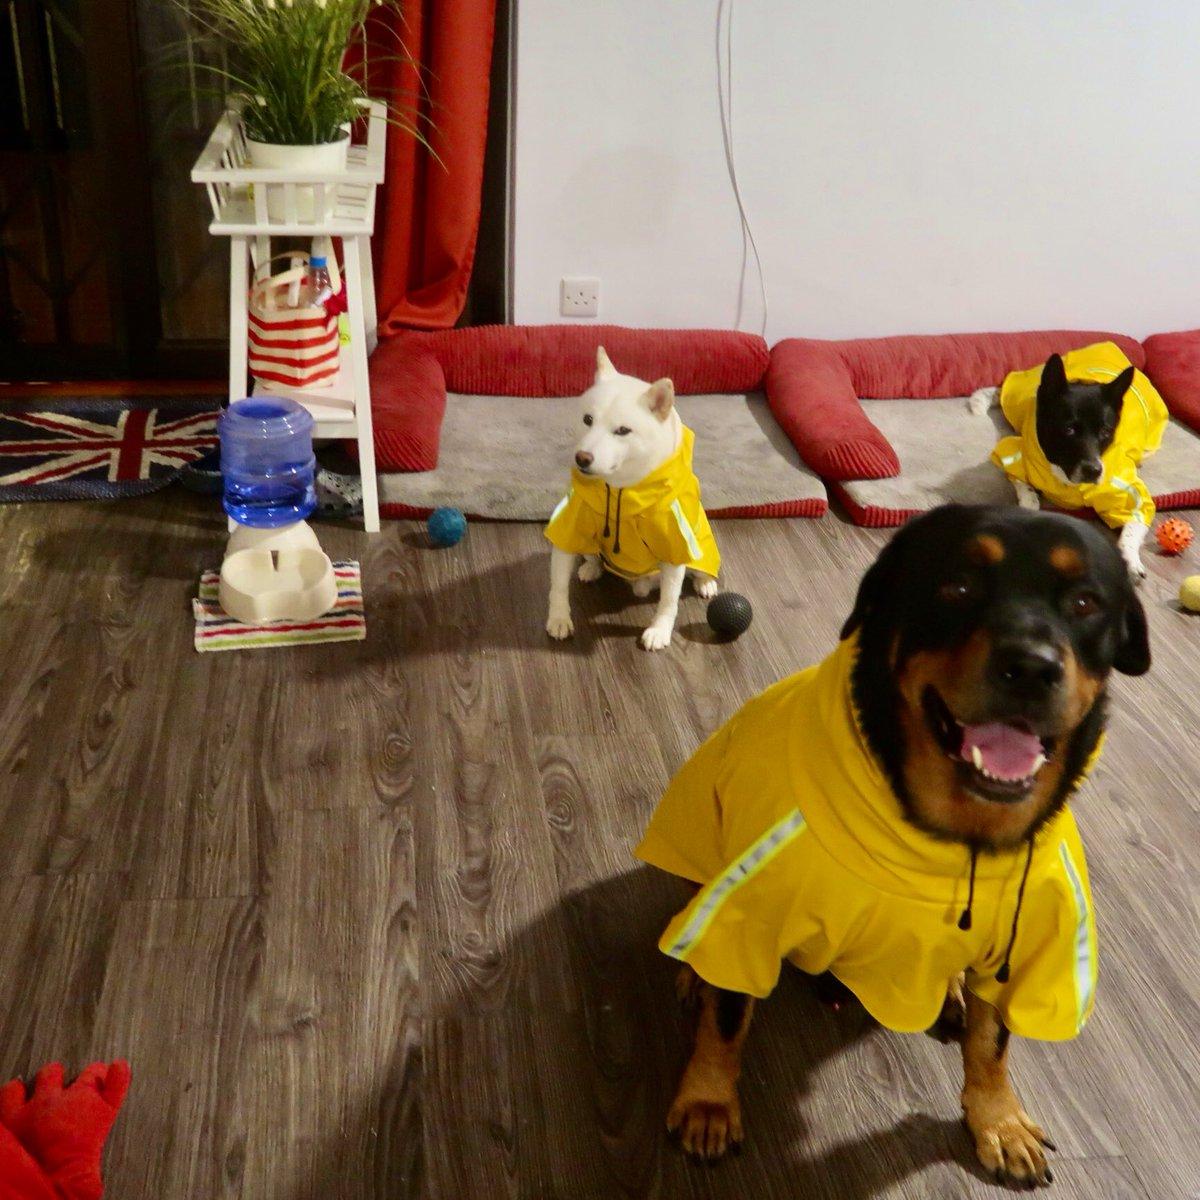 雨の日のお散歩は、お揃いの黄色いレインコート。 香港は今日も雨です☔️ #香港犬生活 #唐狗 #ロットワイラー #rottweiler #白柴 #柴犬 #香港 #hongkong https://t.co/JgNH7JIUDp